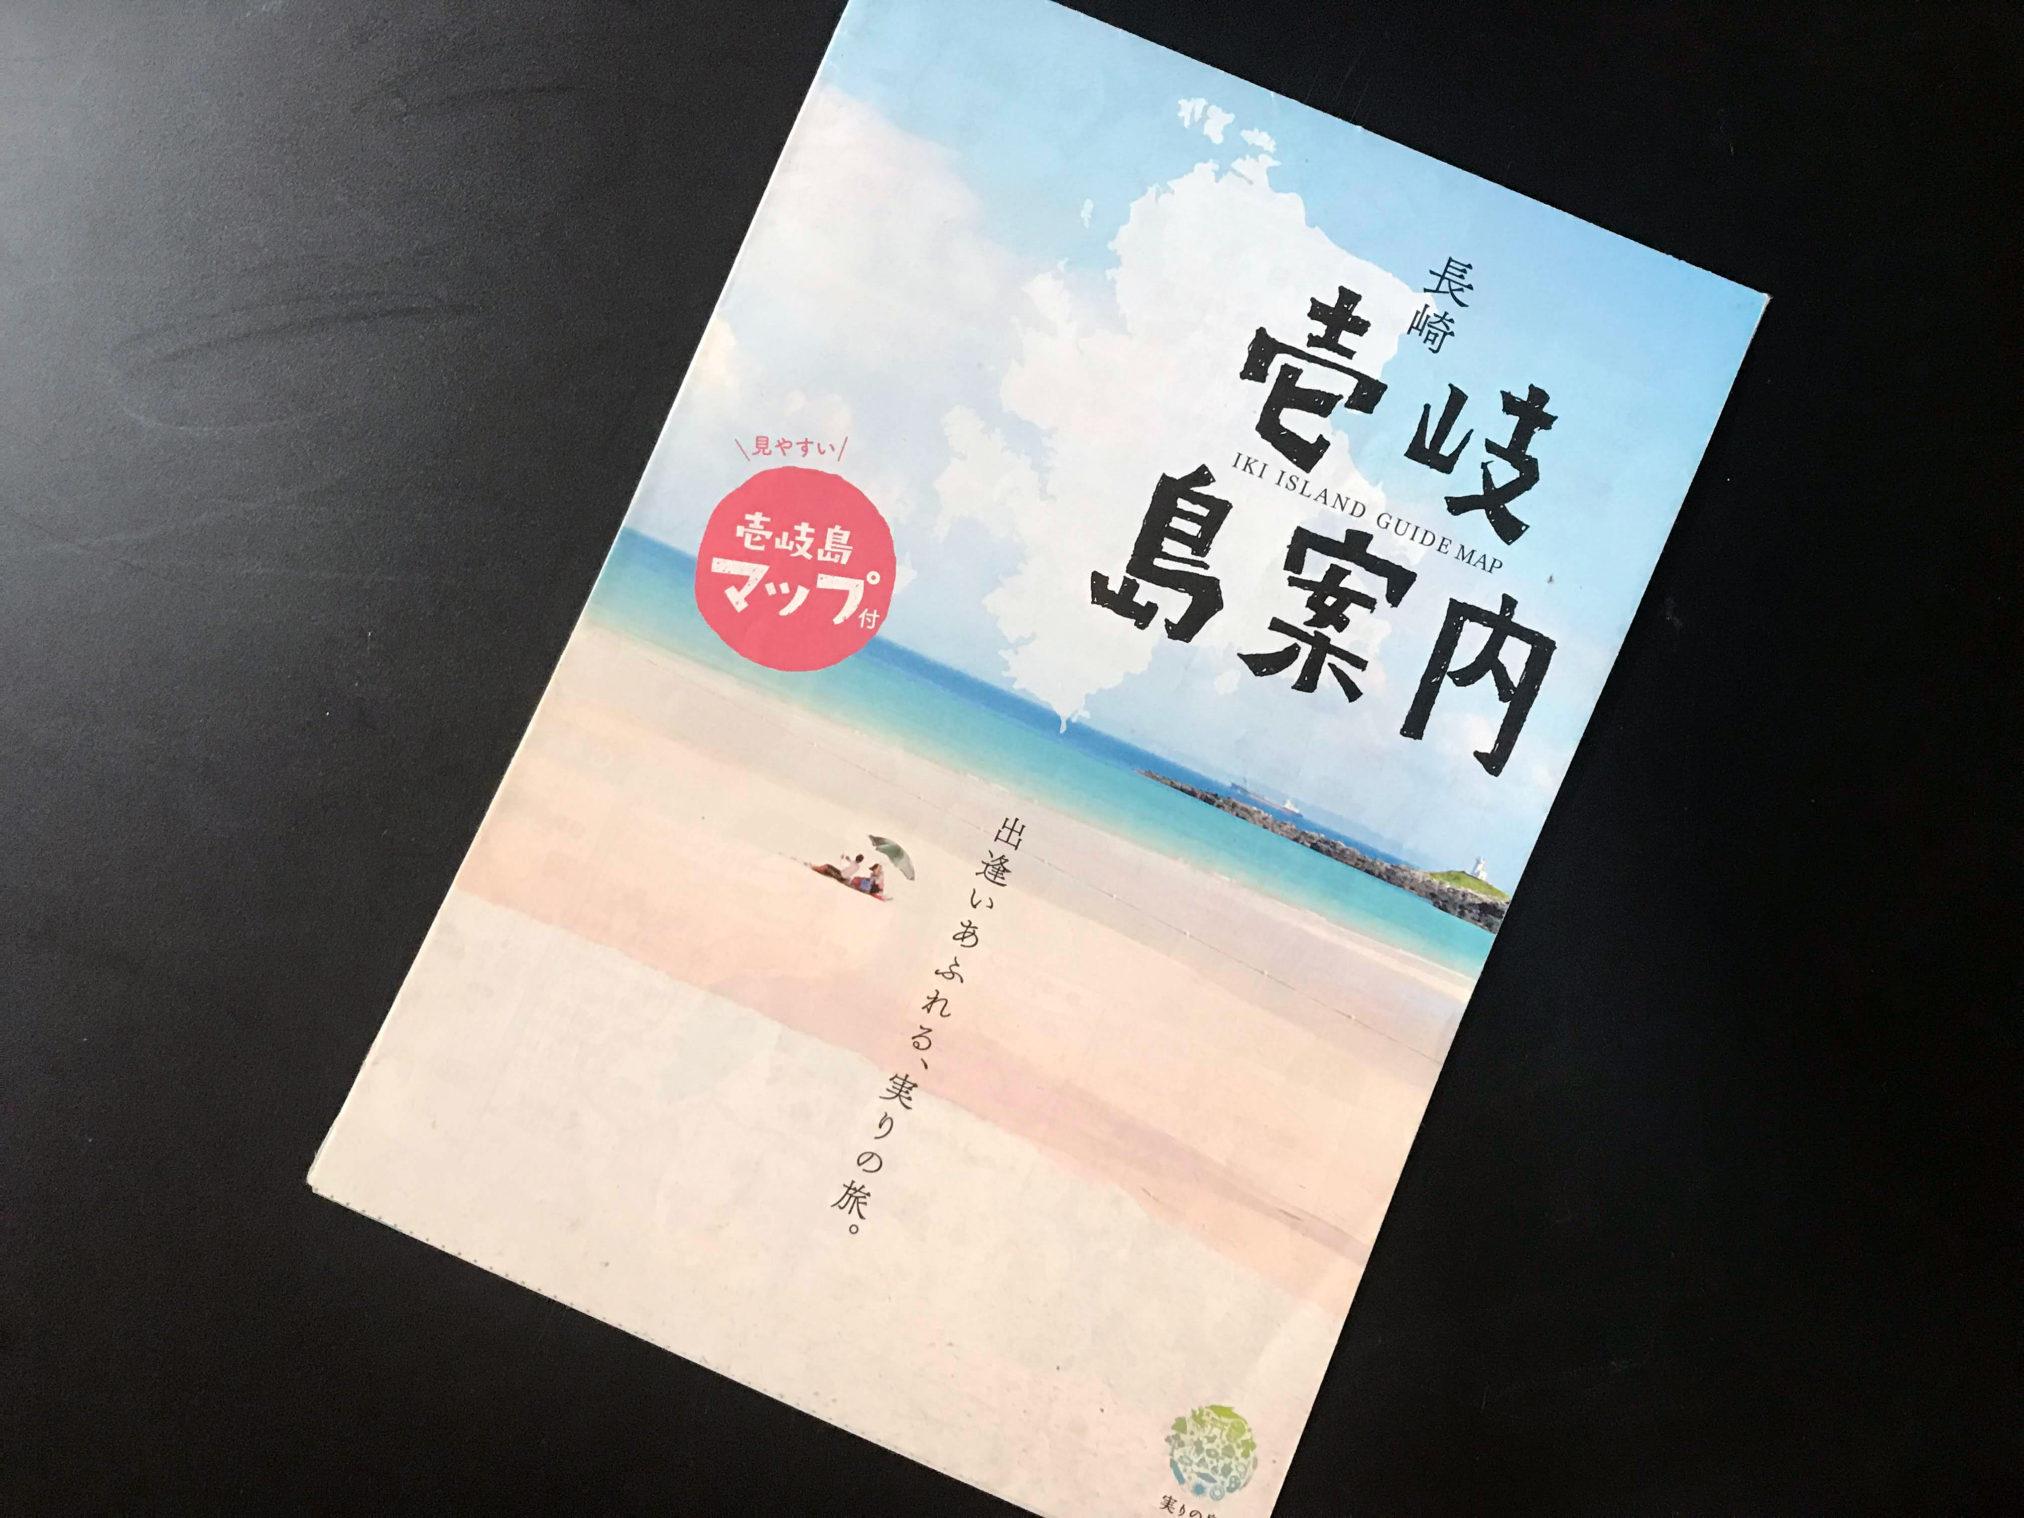 長崎壱岐島案内(壱岐島マップ)Kunio.Osawa 大沢邦生